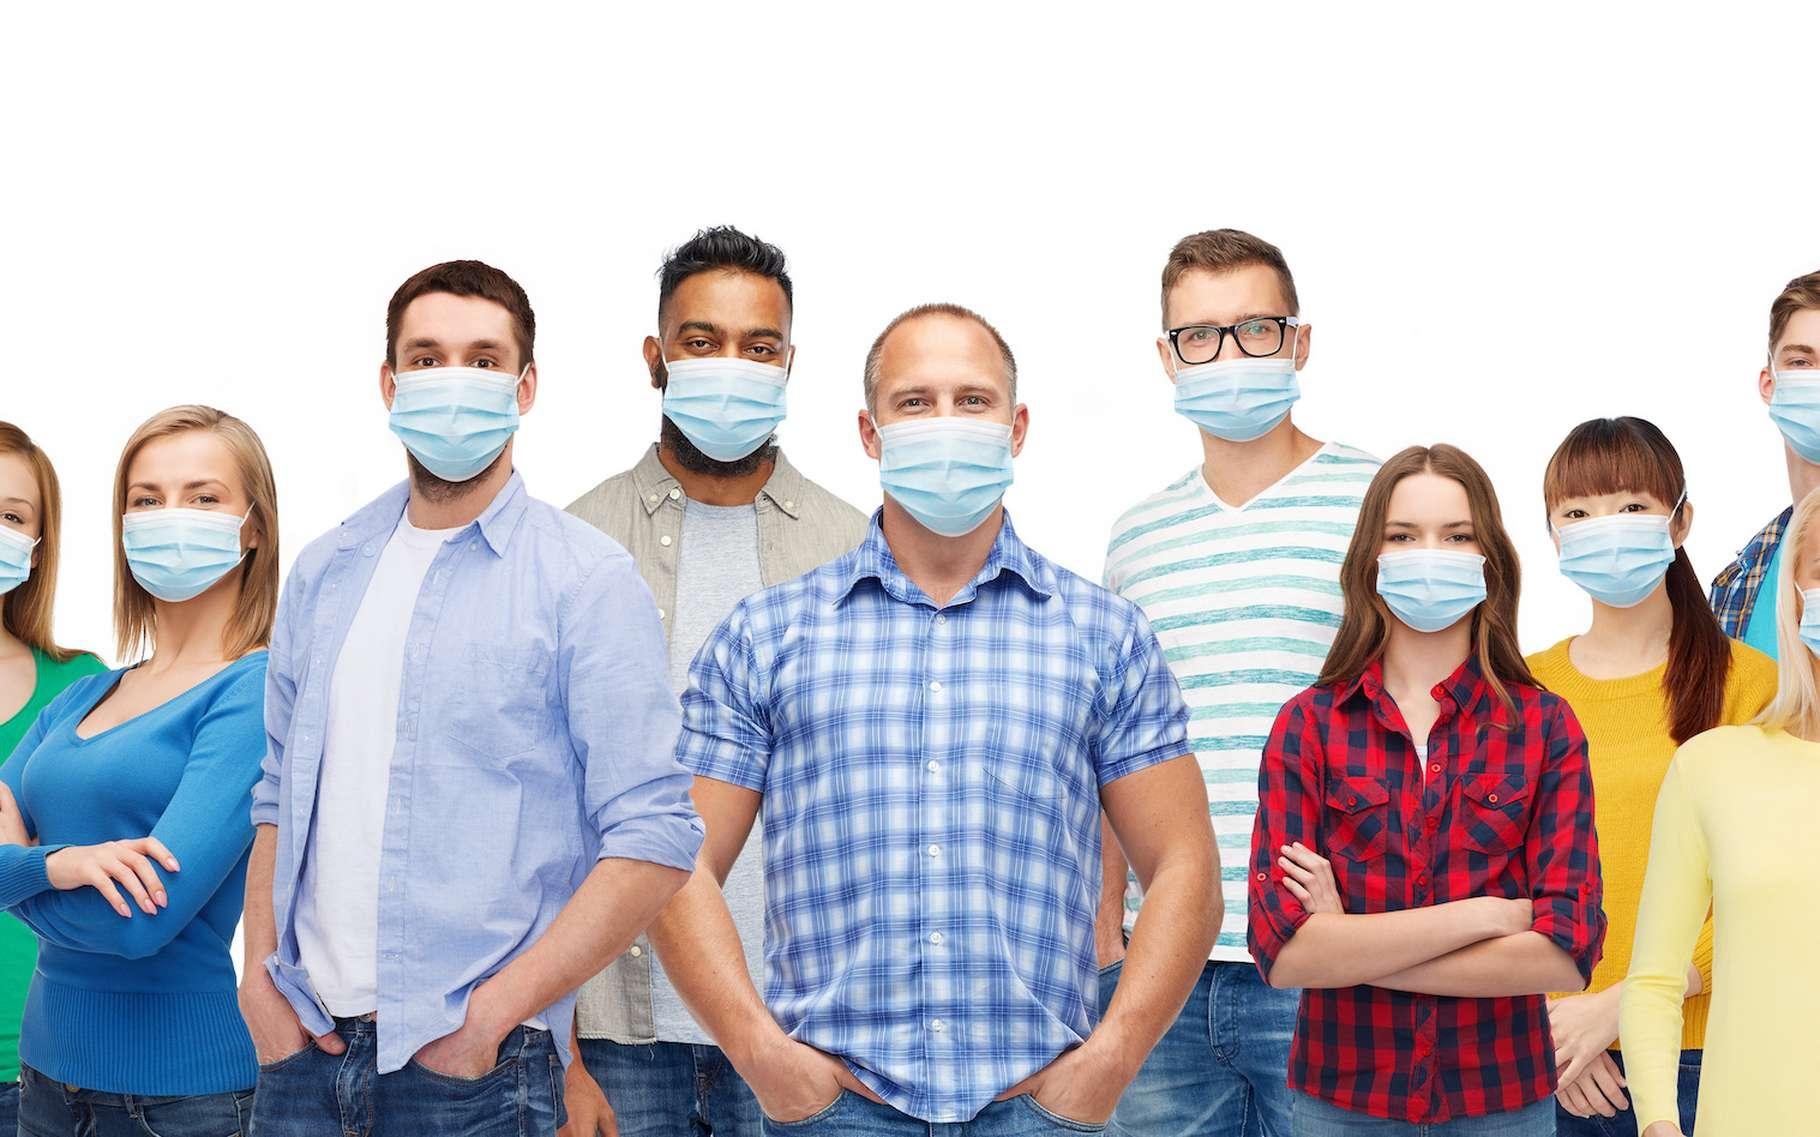 Le port du masque reste la mesure barrière la plus efficace pour limiter la propagation du coronavirus. © Syda Productions, Adobe Stock